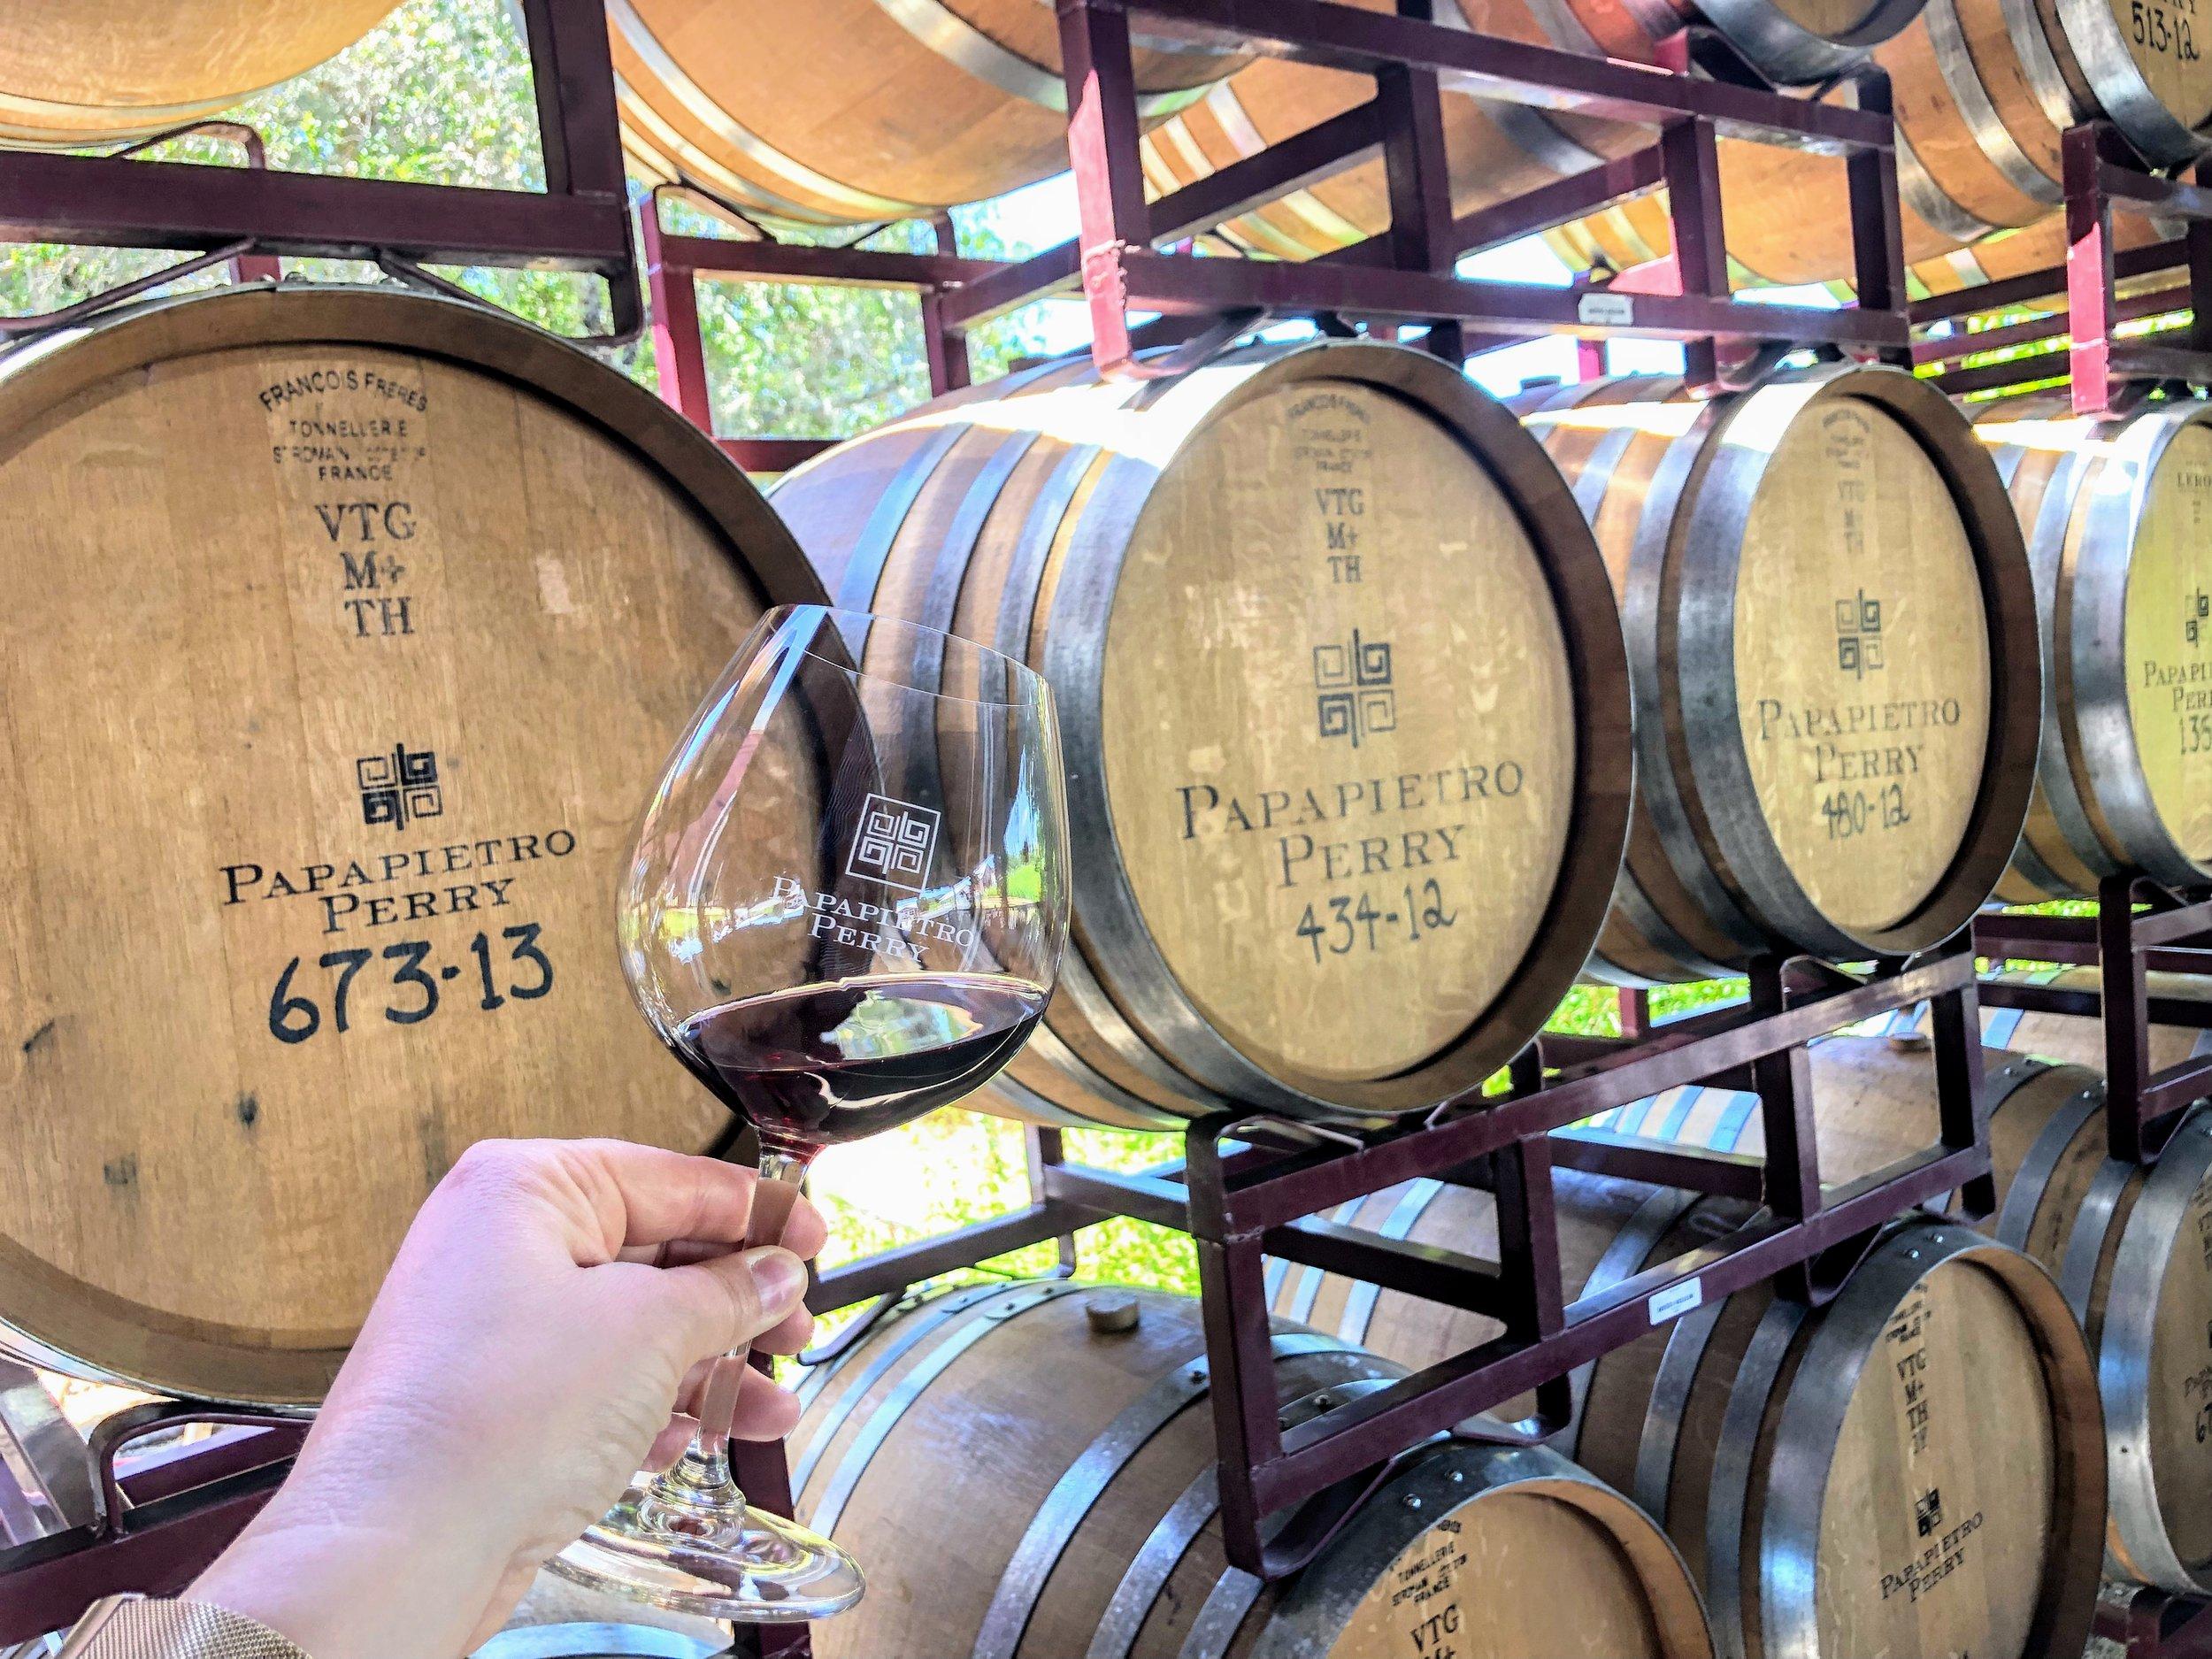 Papapietro Perry Pinot